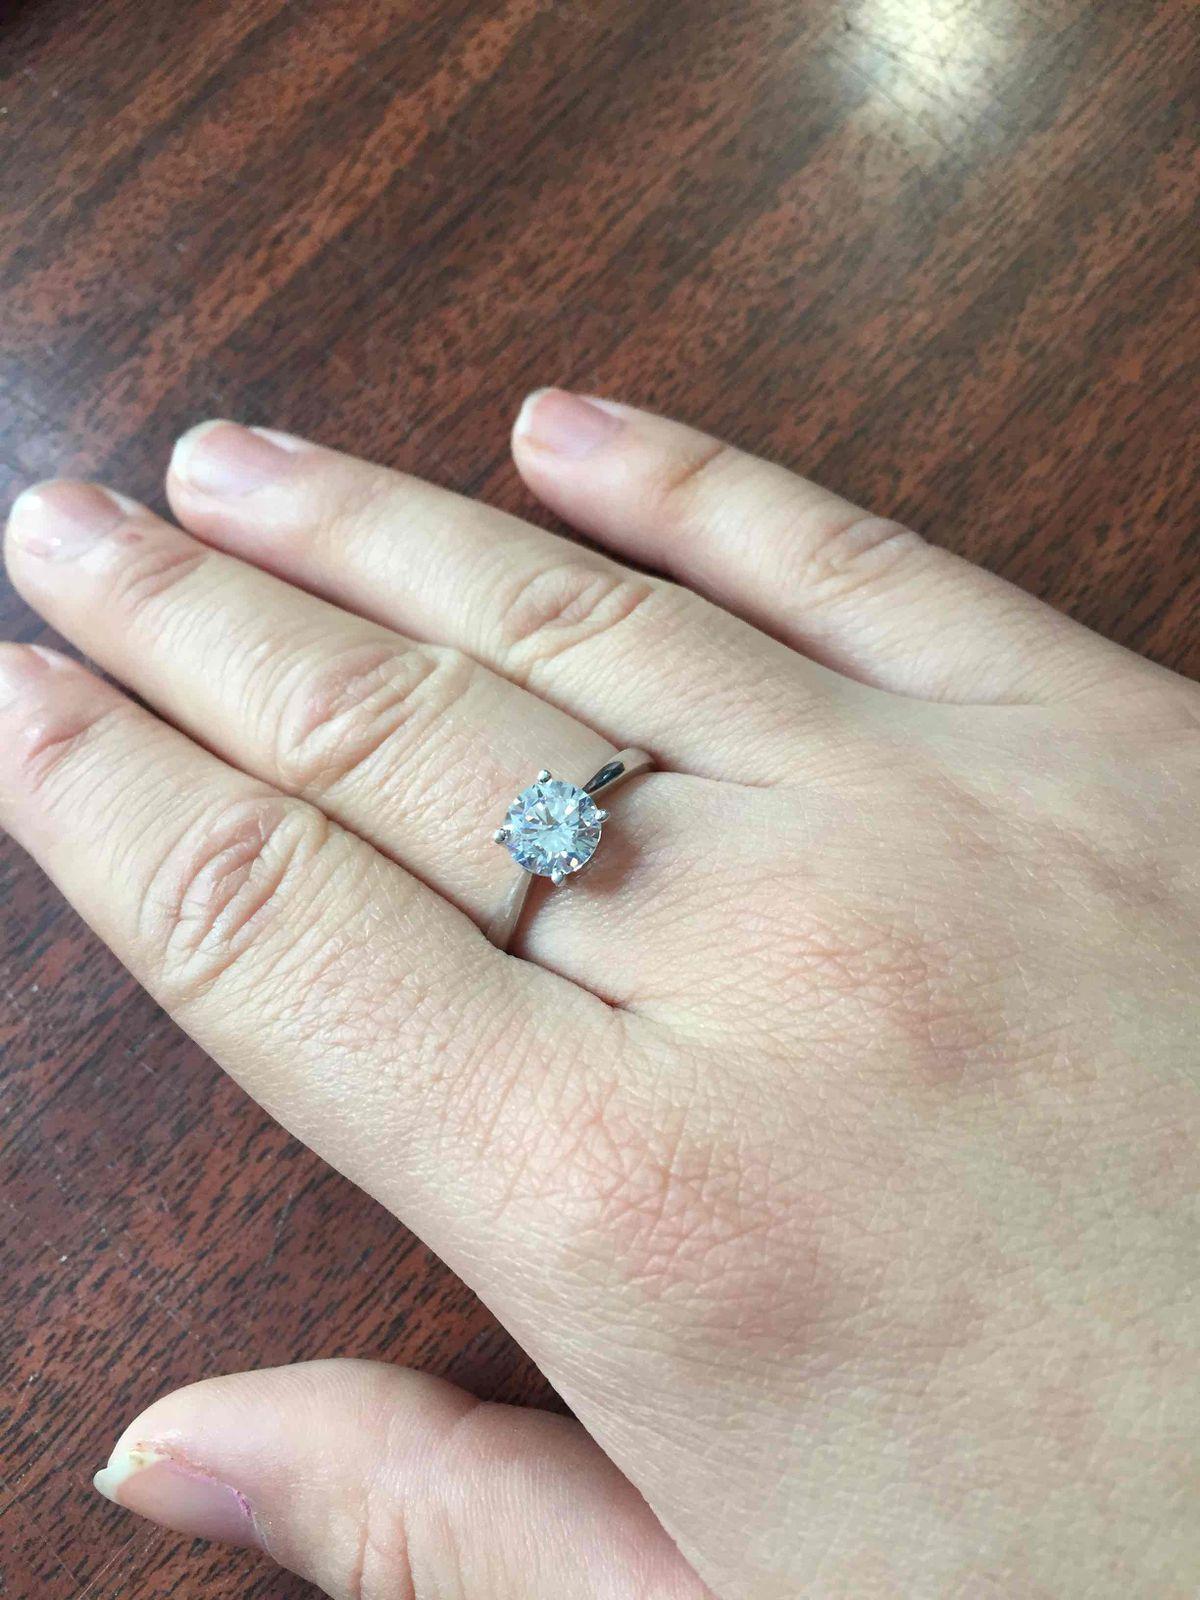 Очень крутое кольцо 😍